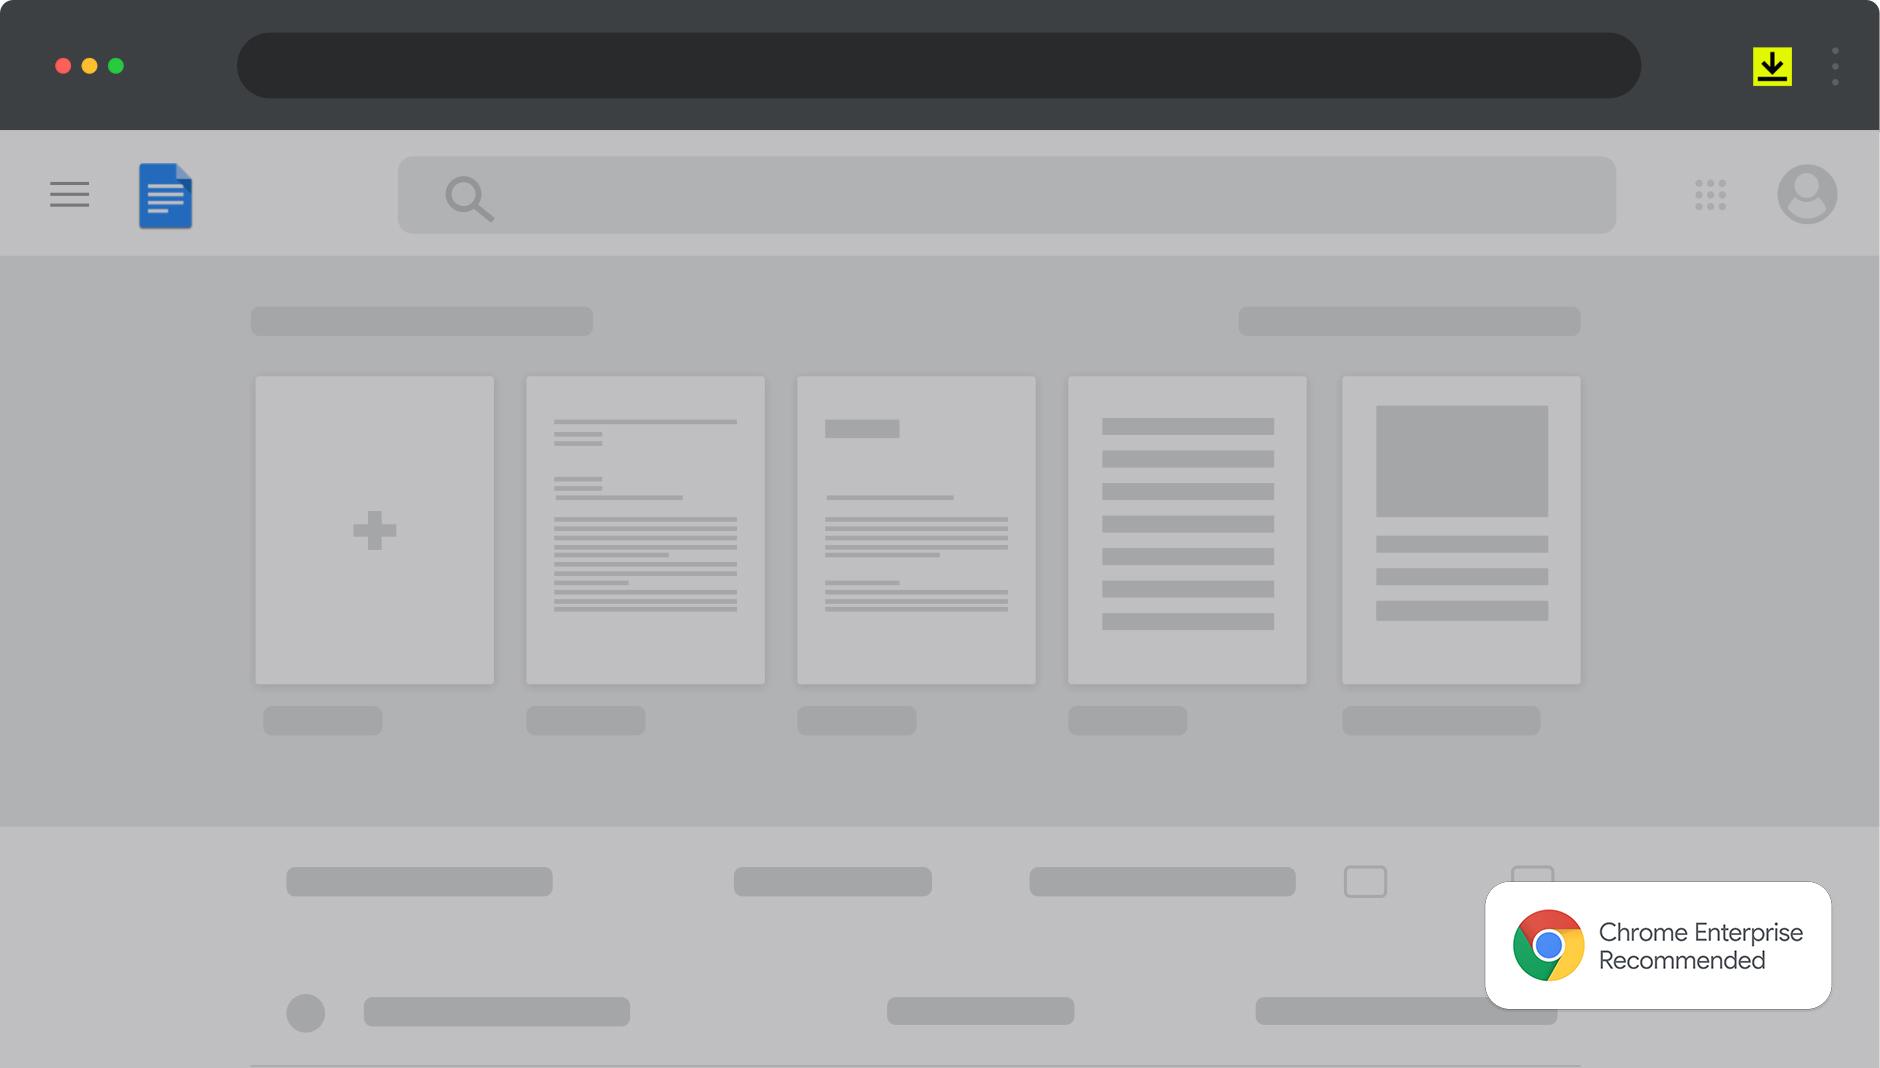 : Assinatura eletrônica da DocuSign para Google Chrome permitindo a assinatura no navegador. O logo do Google Chrome faz parte do selo Enterprise Recommended Partner que a DocuSign recebeu.